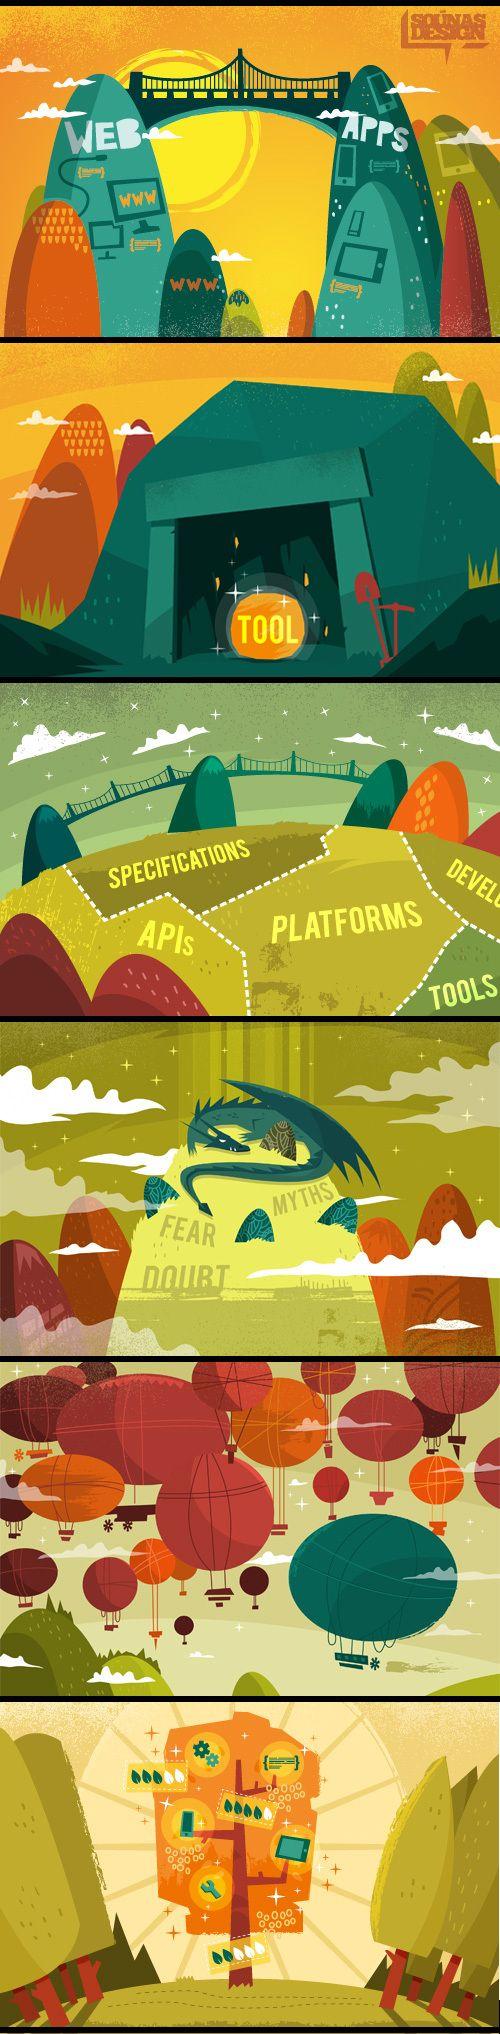 :::Cross-Platform Developers Tool Report::: by Ilias Sounas, via Behance